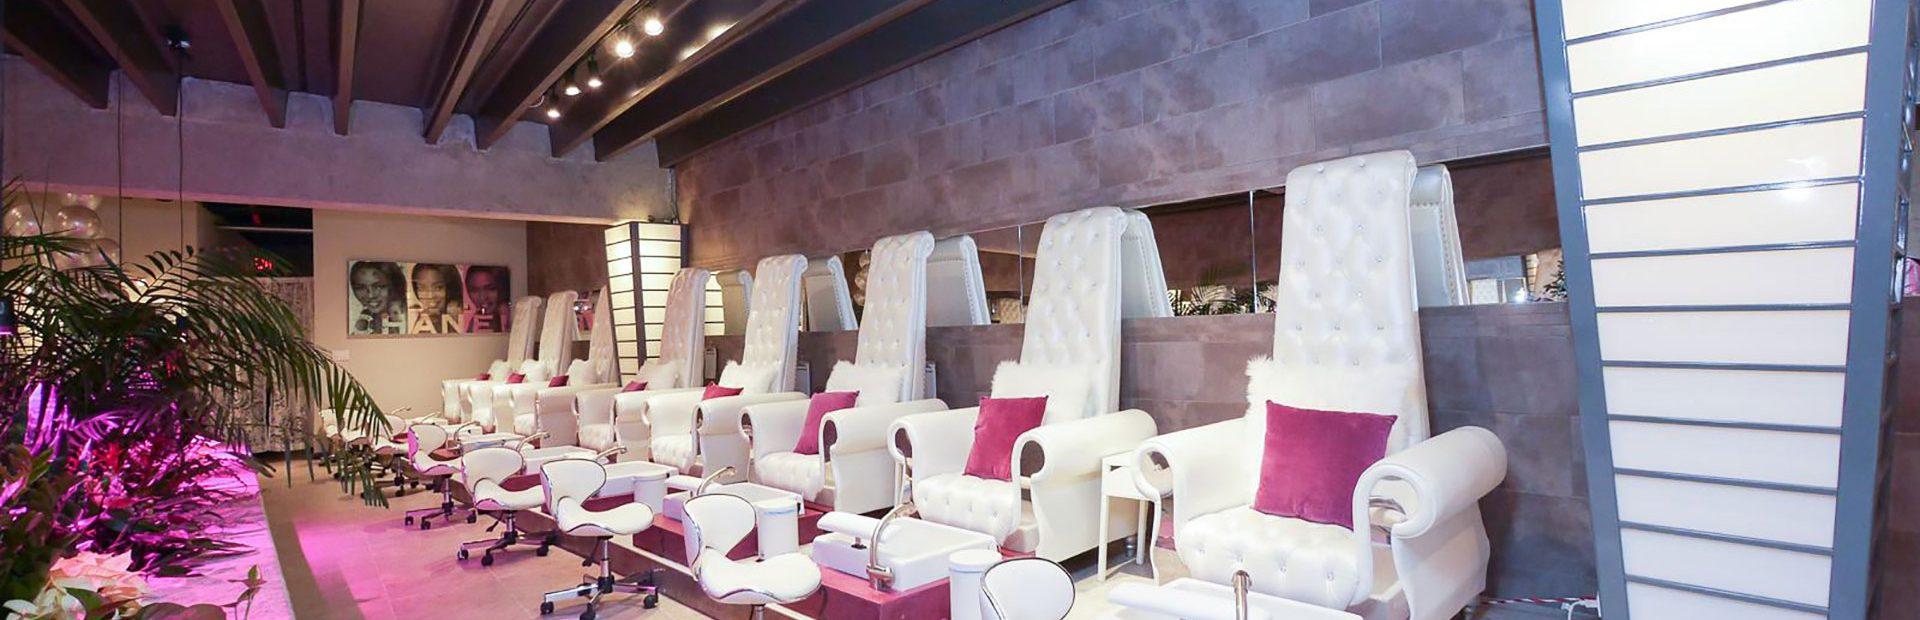 Charlotte Nc South End Cachet Nail Boutique Luxury Salon